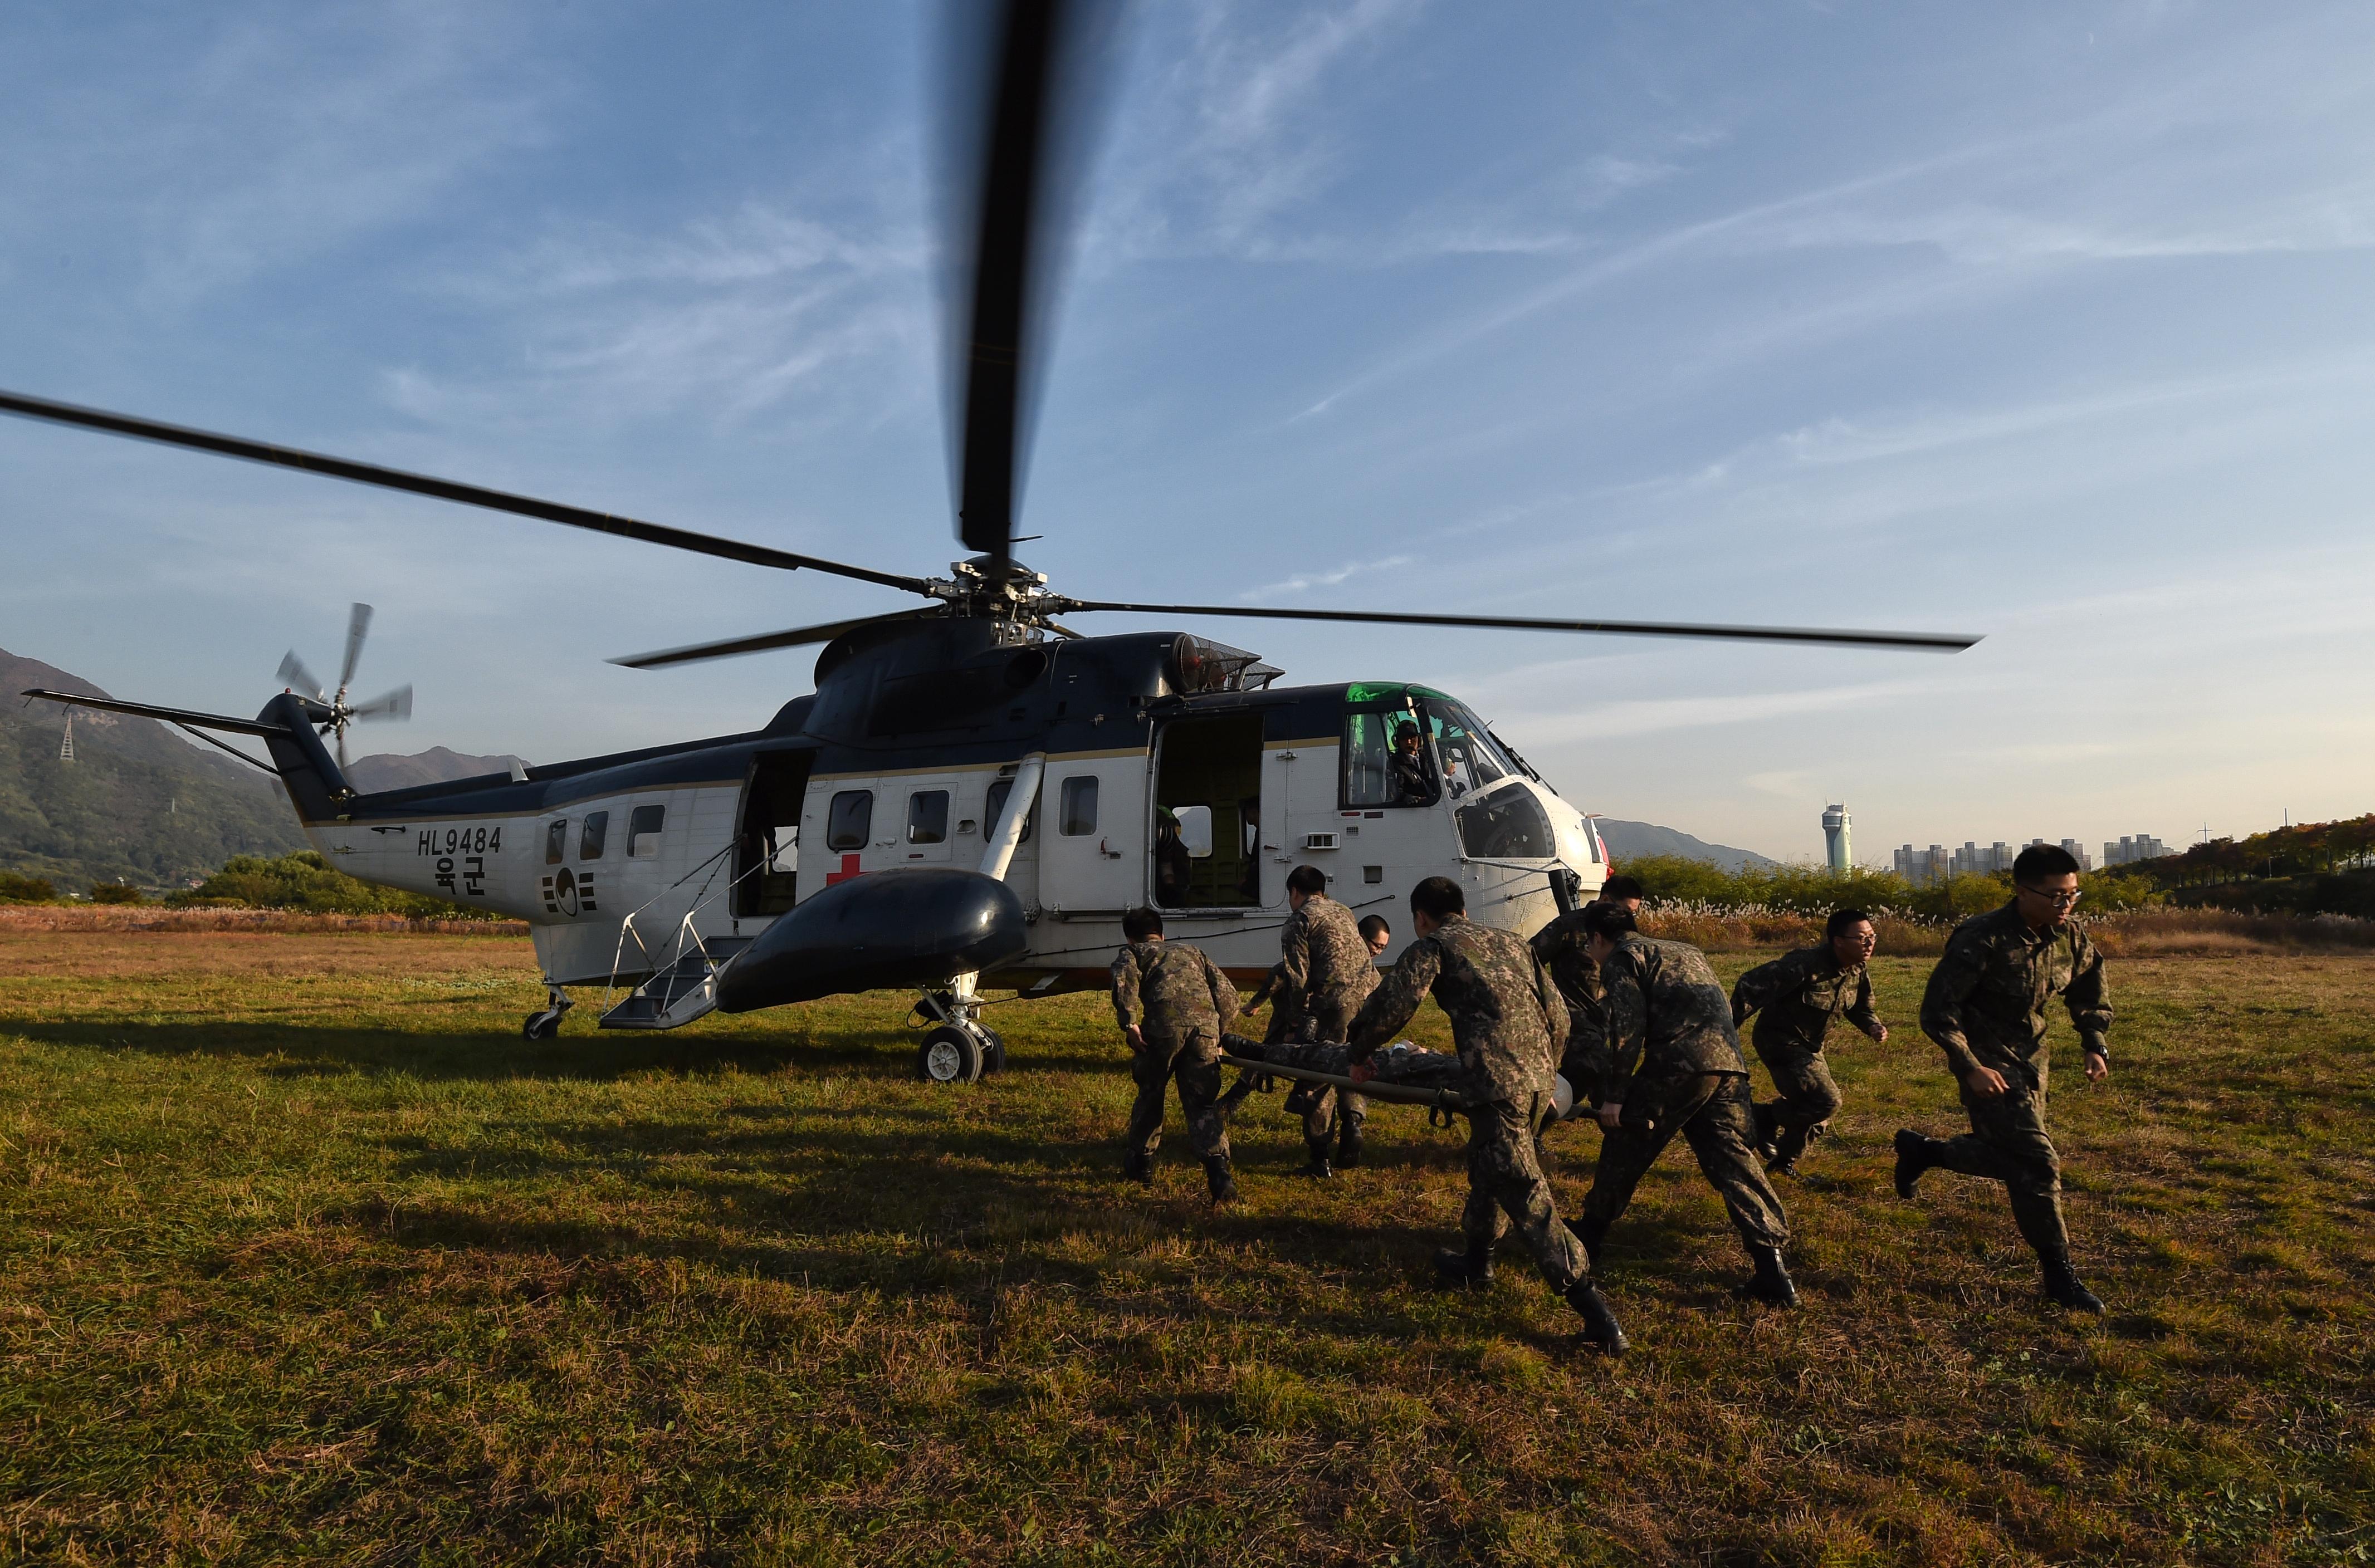 20171025020 육군항작사 전시 민간항공기 동원훈련 조용학.jpg